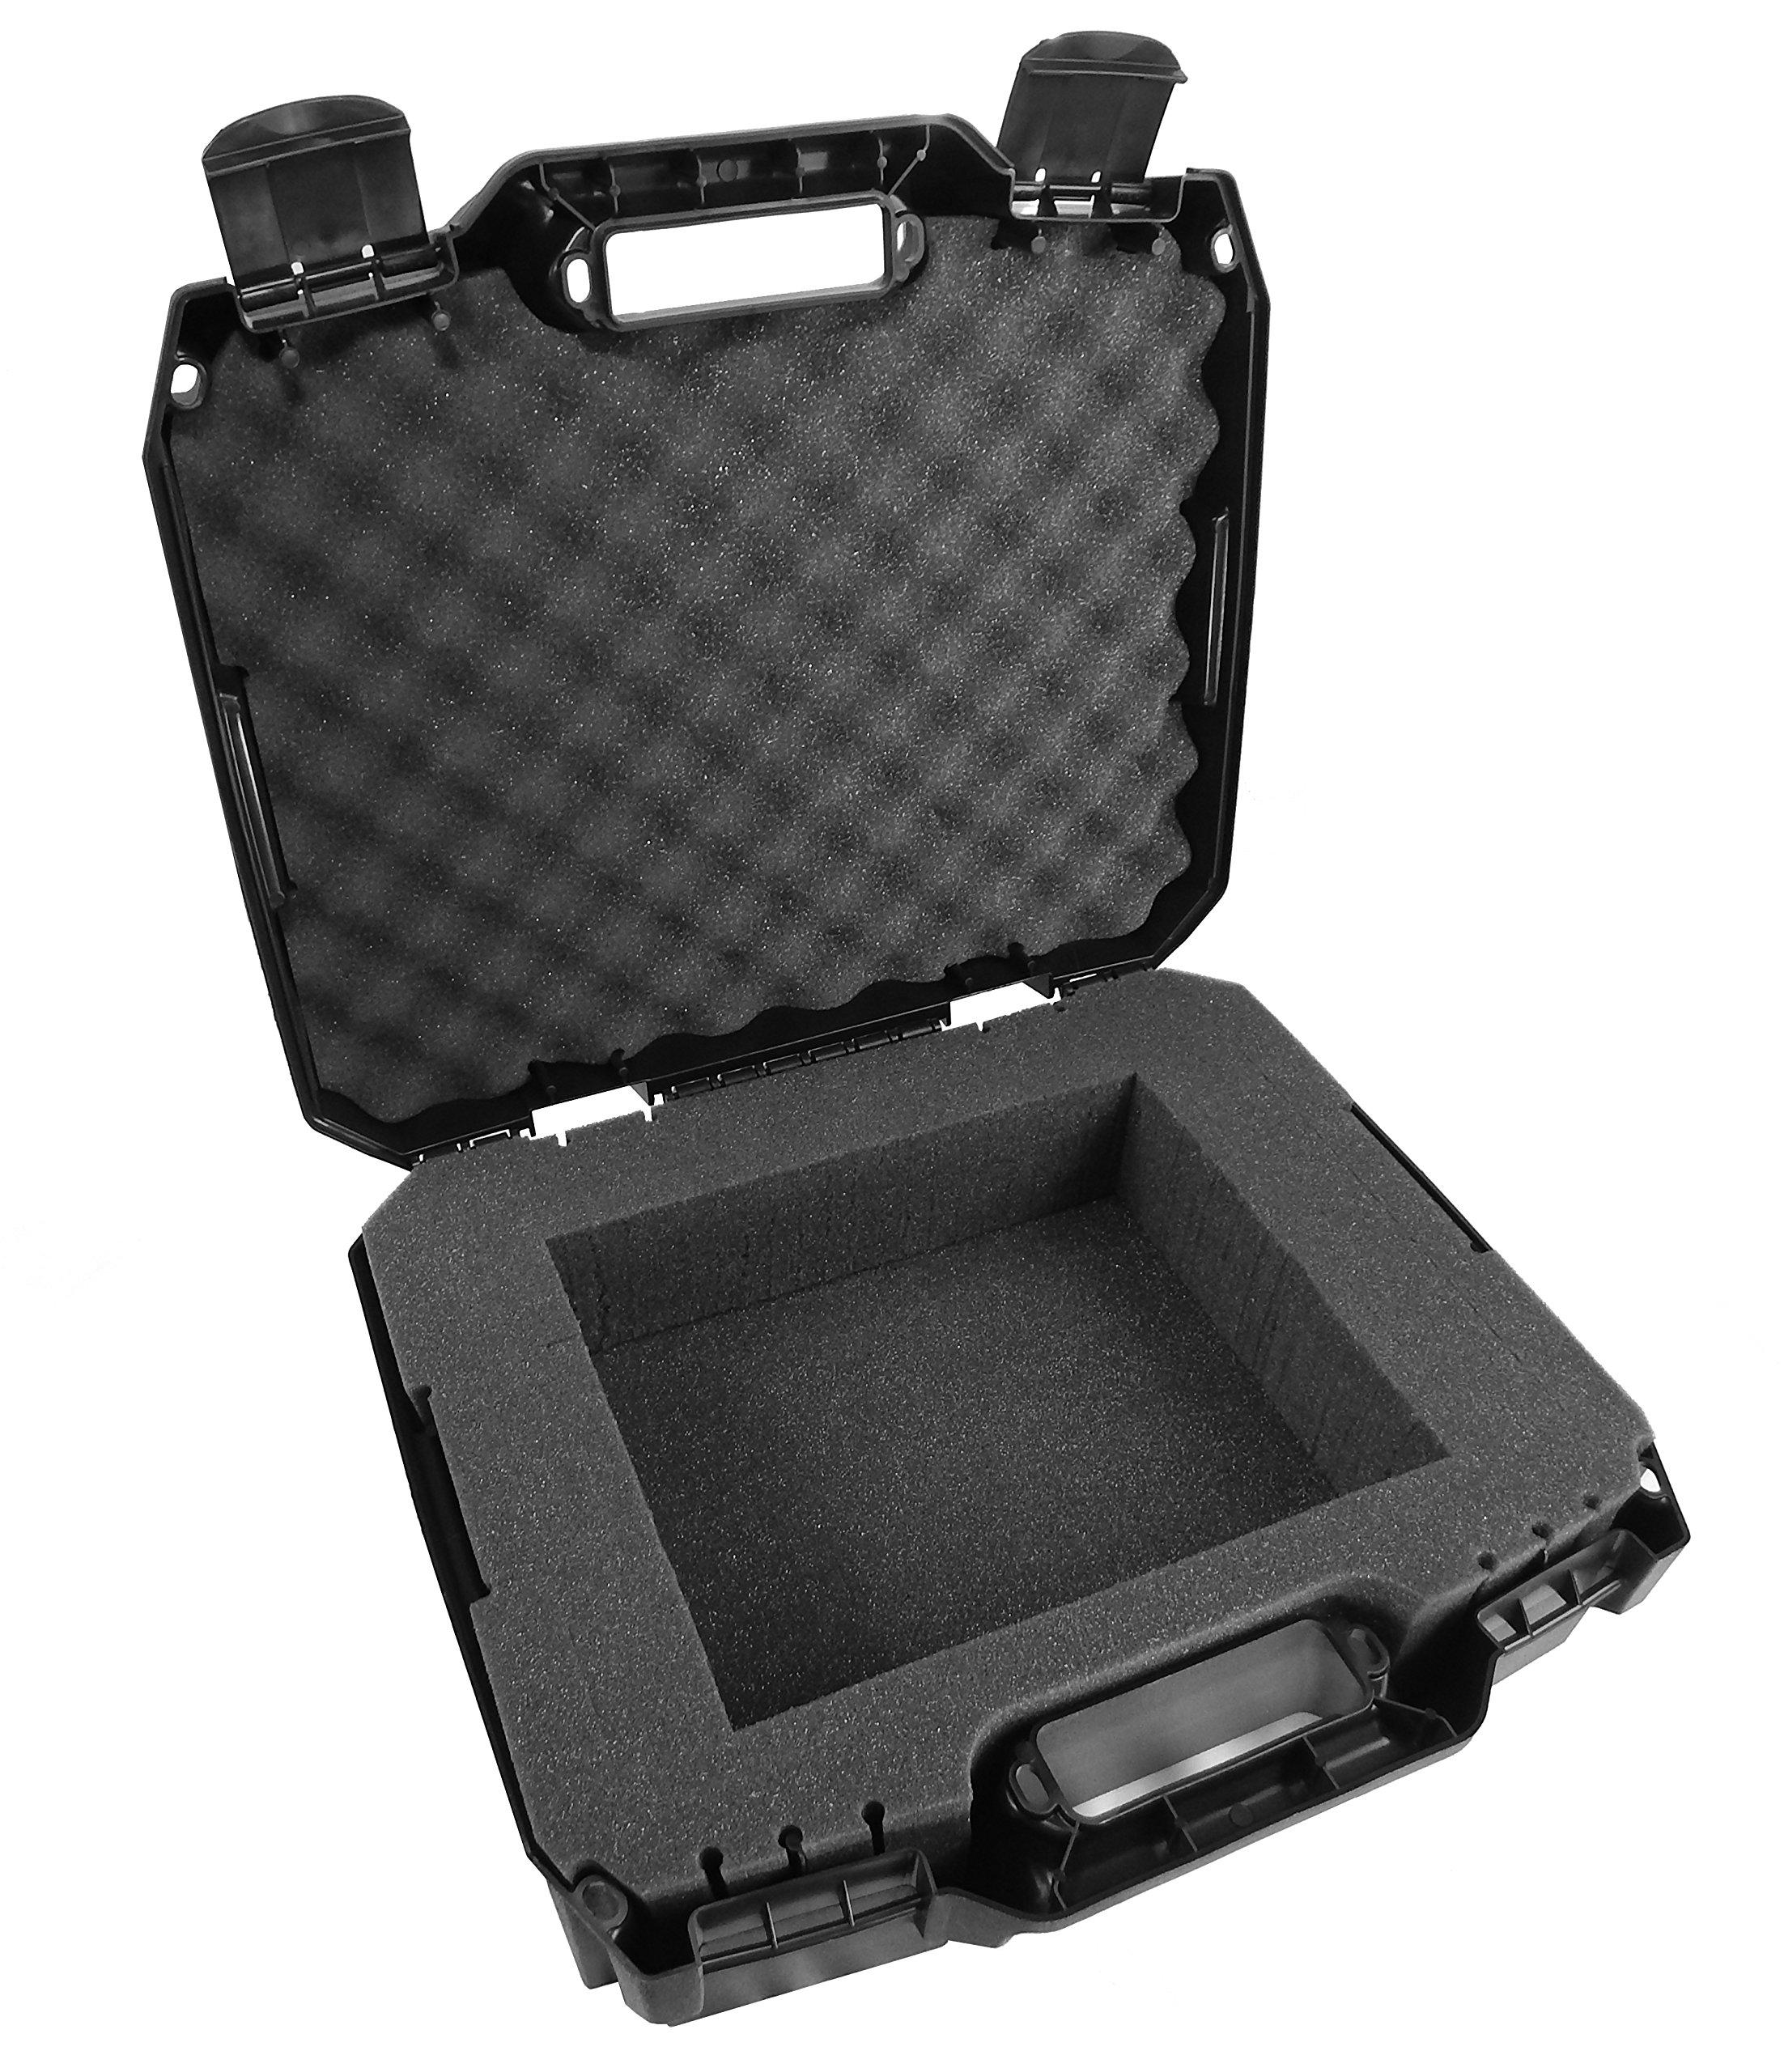 CASEMATIX Projector Case Made for Epson Pro EX9220, EX9210, EX9200, EX7260, EX7240, EX3260, and EX3240 WUXGA, WXGA, SVGA Conference Projectors - Pre Cut Impact Absorbing Foam Compartment